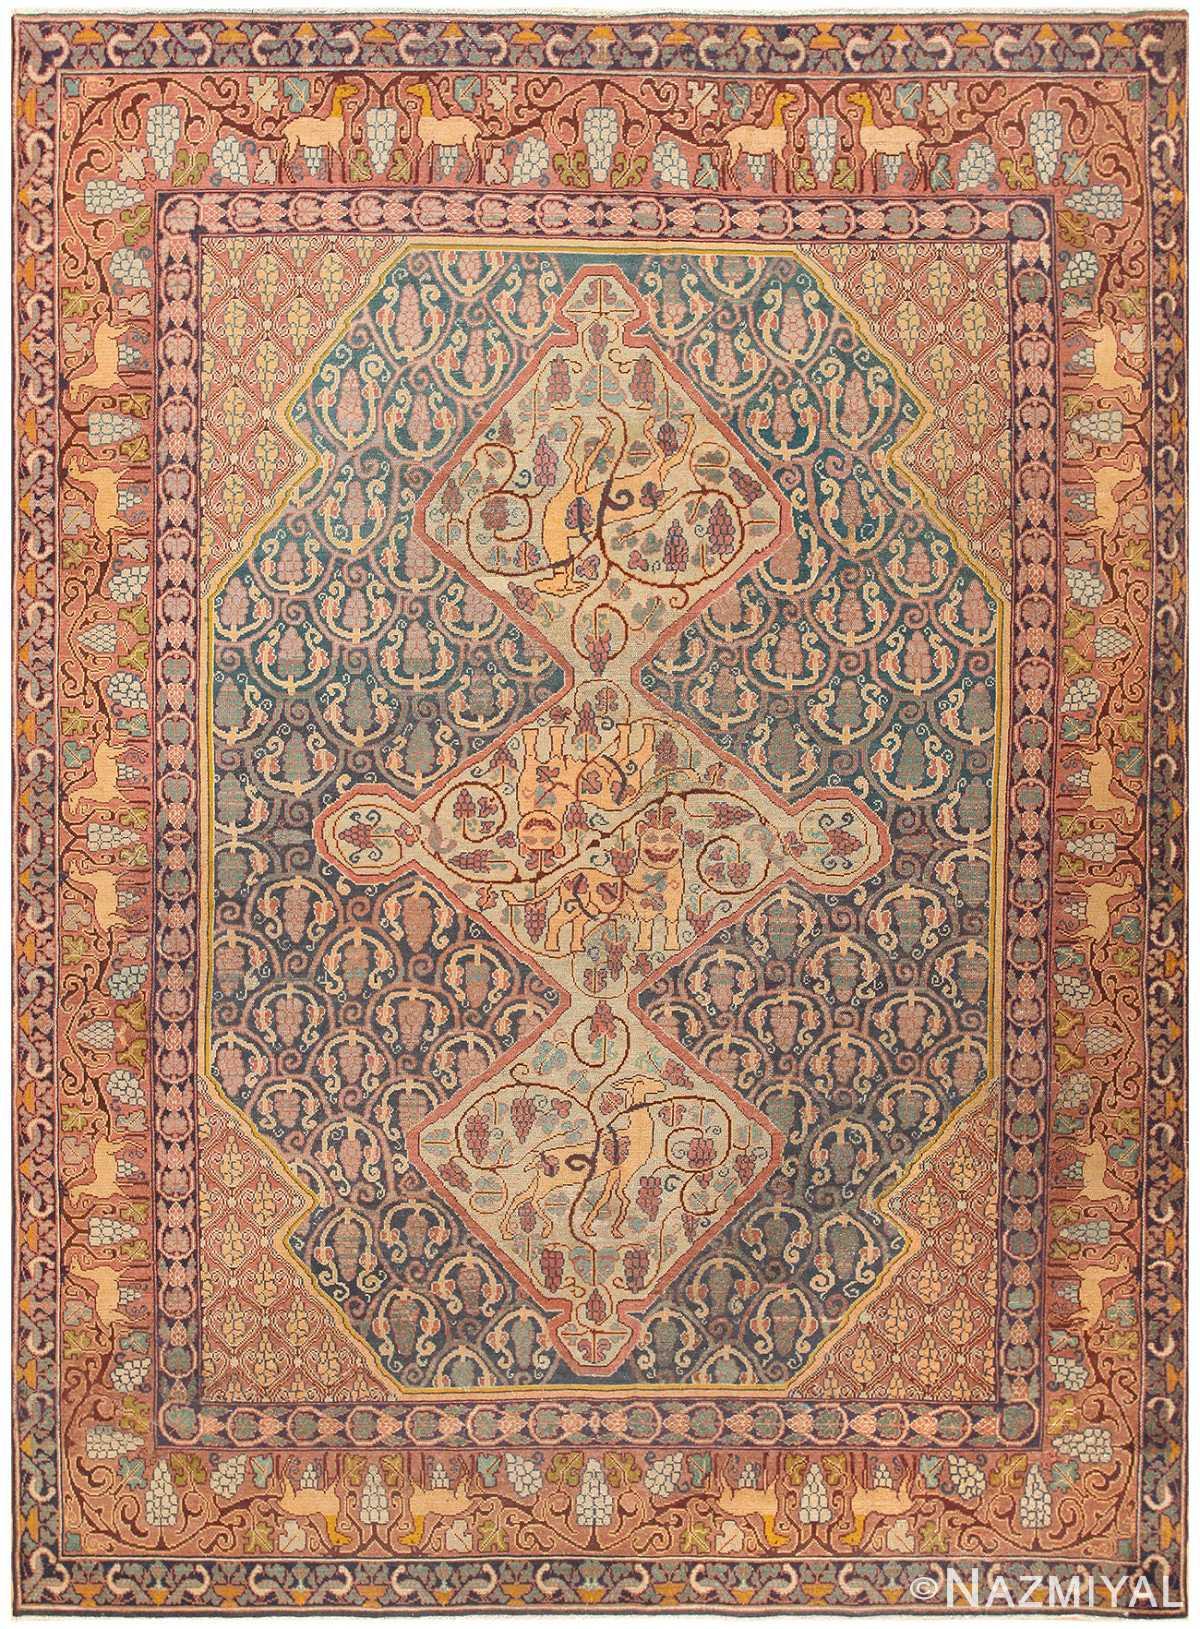 Antique Marbediah Israeli Carpet 47504 Nazmiyal